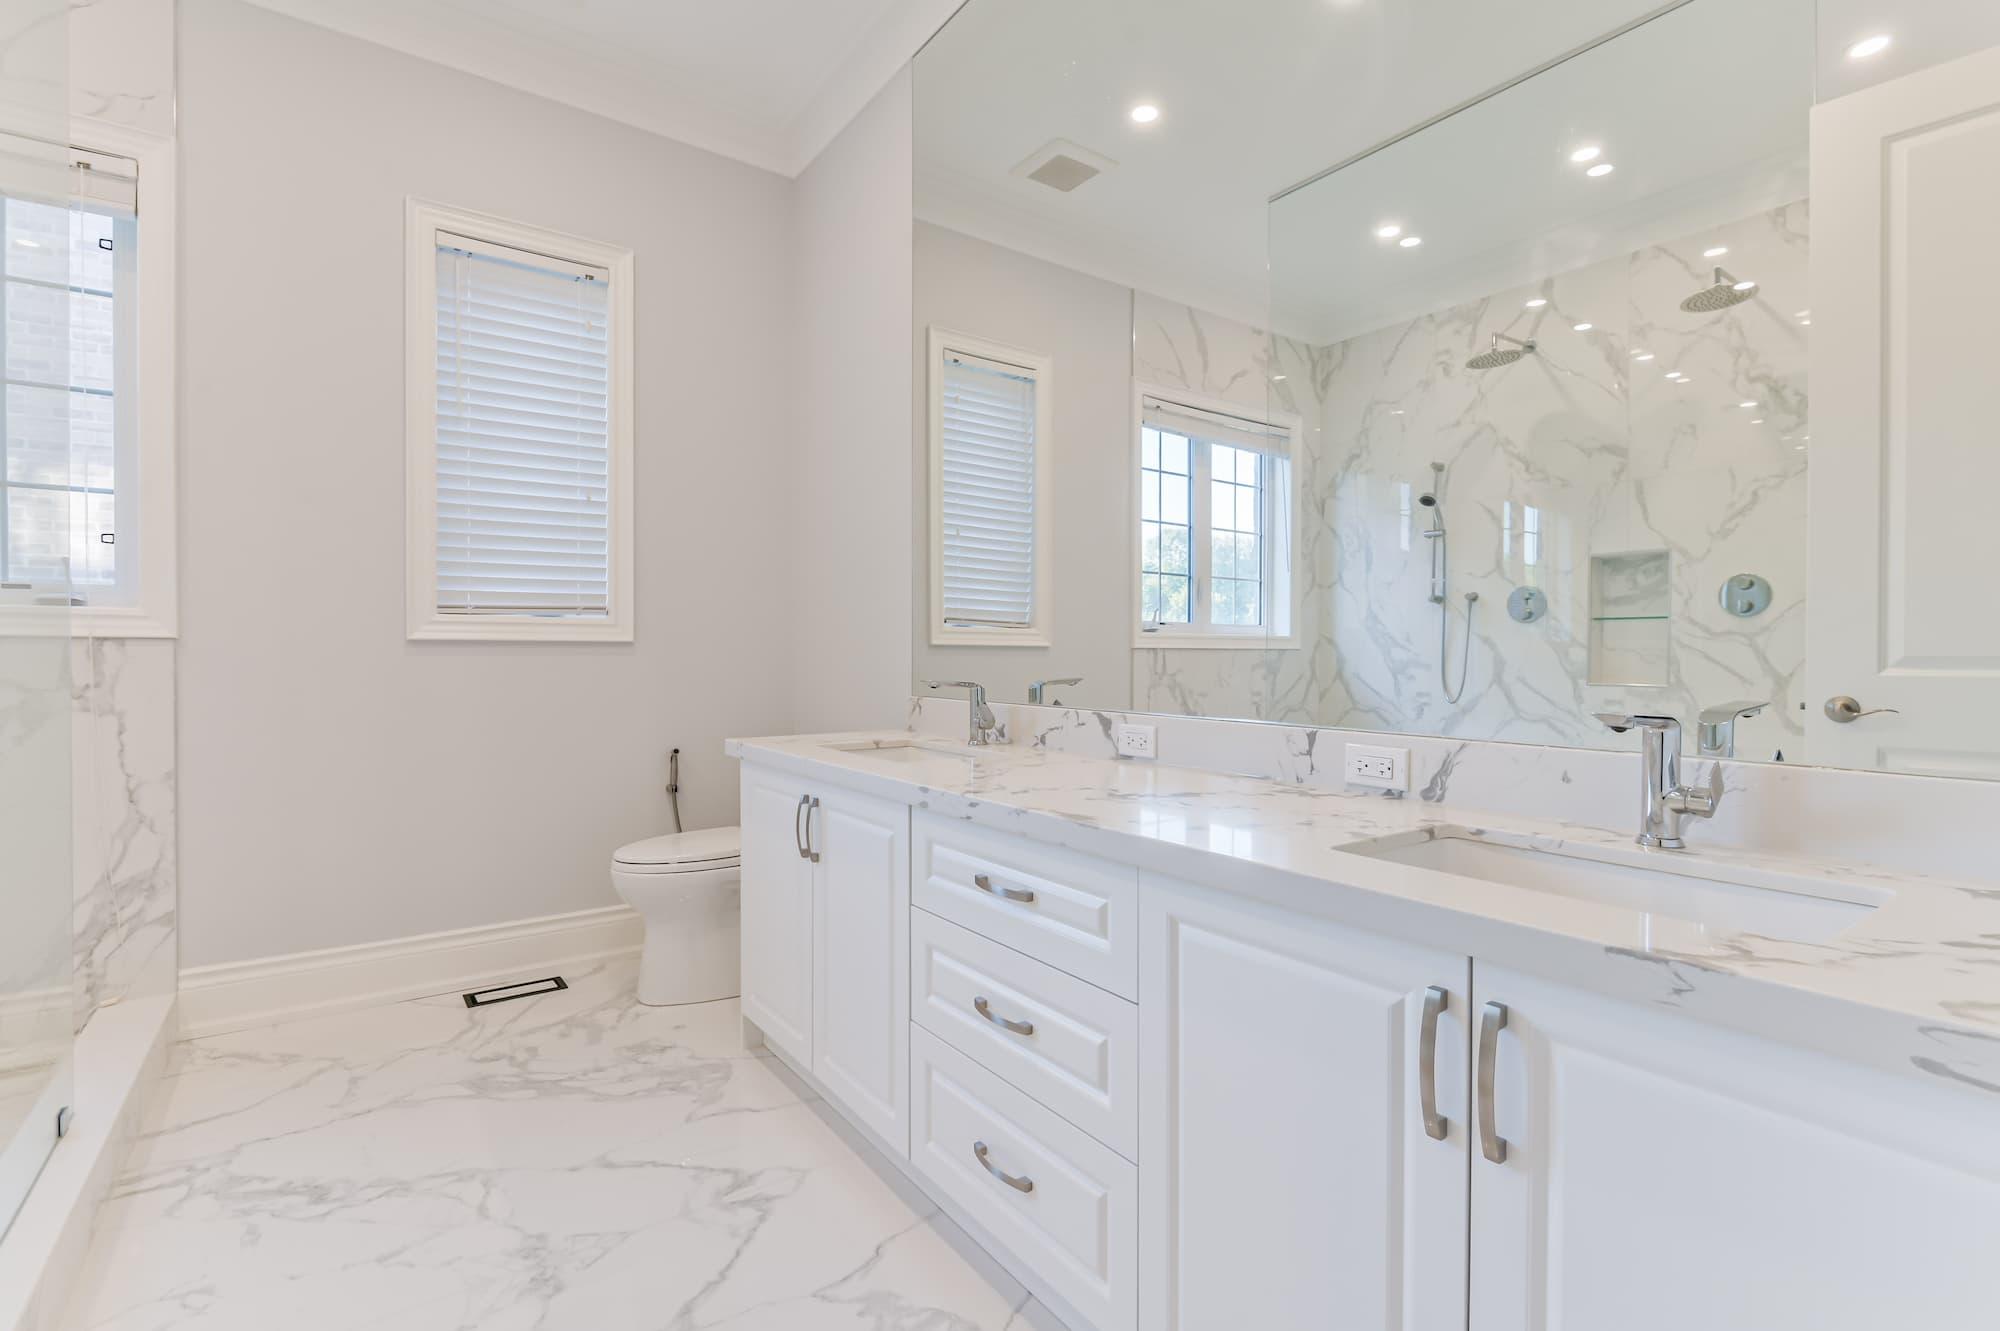 rénovation de salle de bain de style classic avec tuiles de céramique imitation de marbre